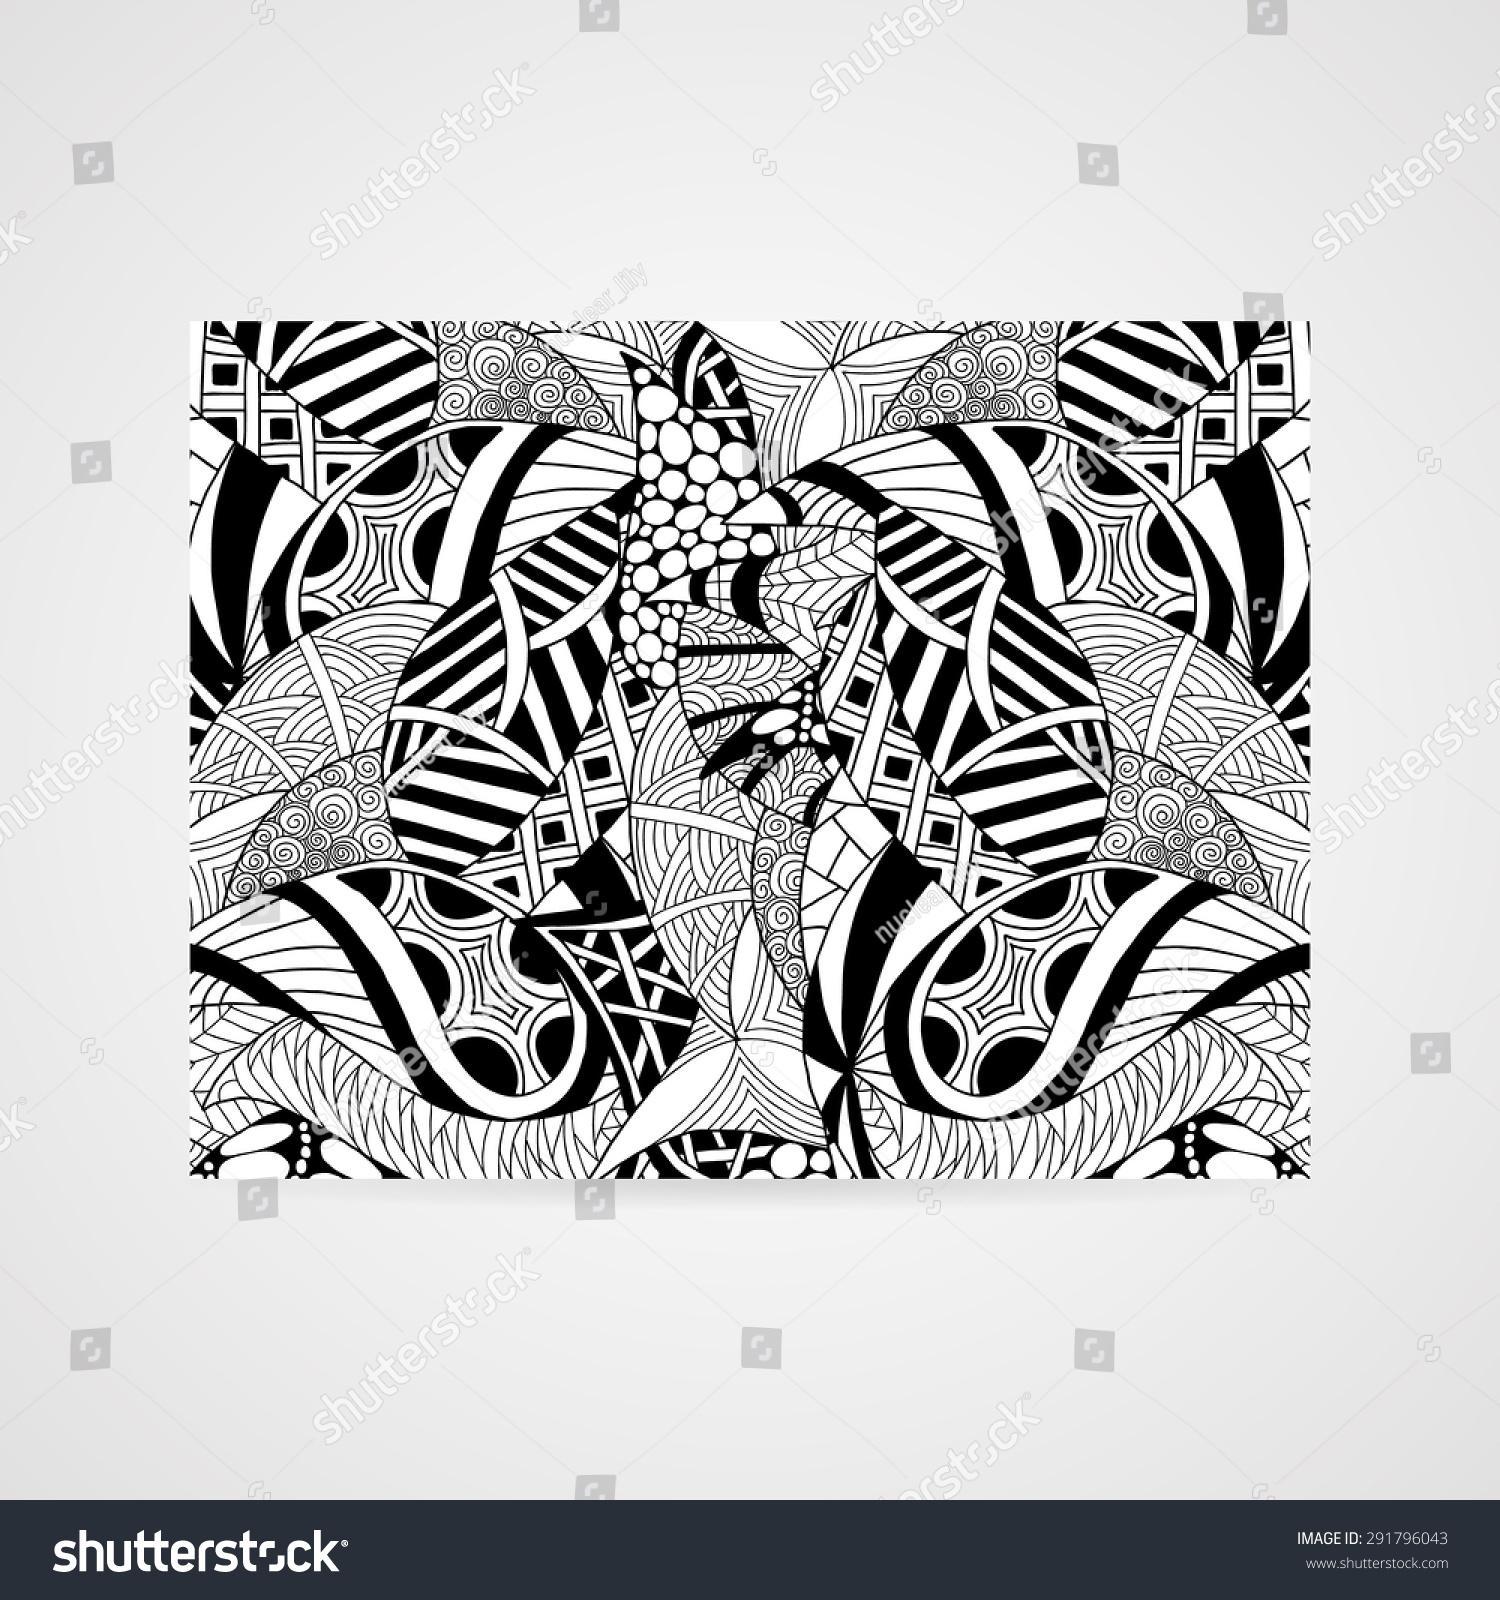 抽象的手绘图案.矢量插图在黑色和白色的颜色图片